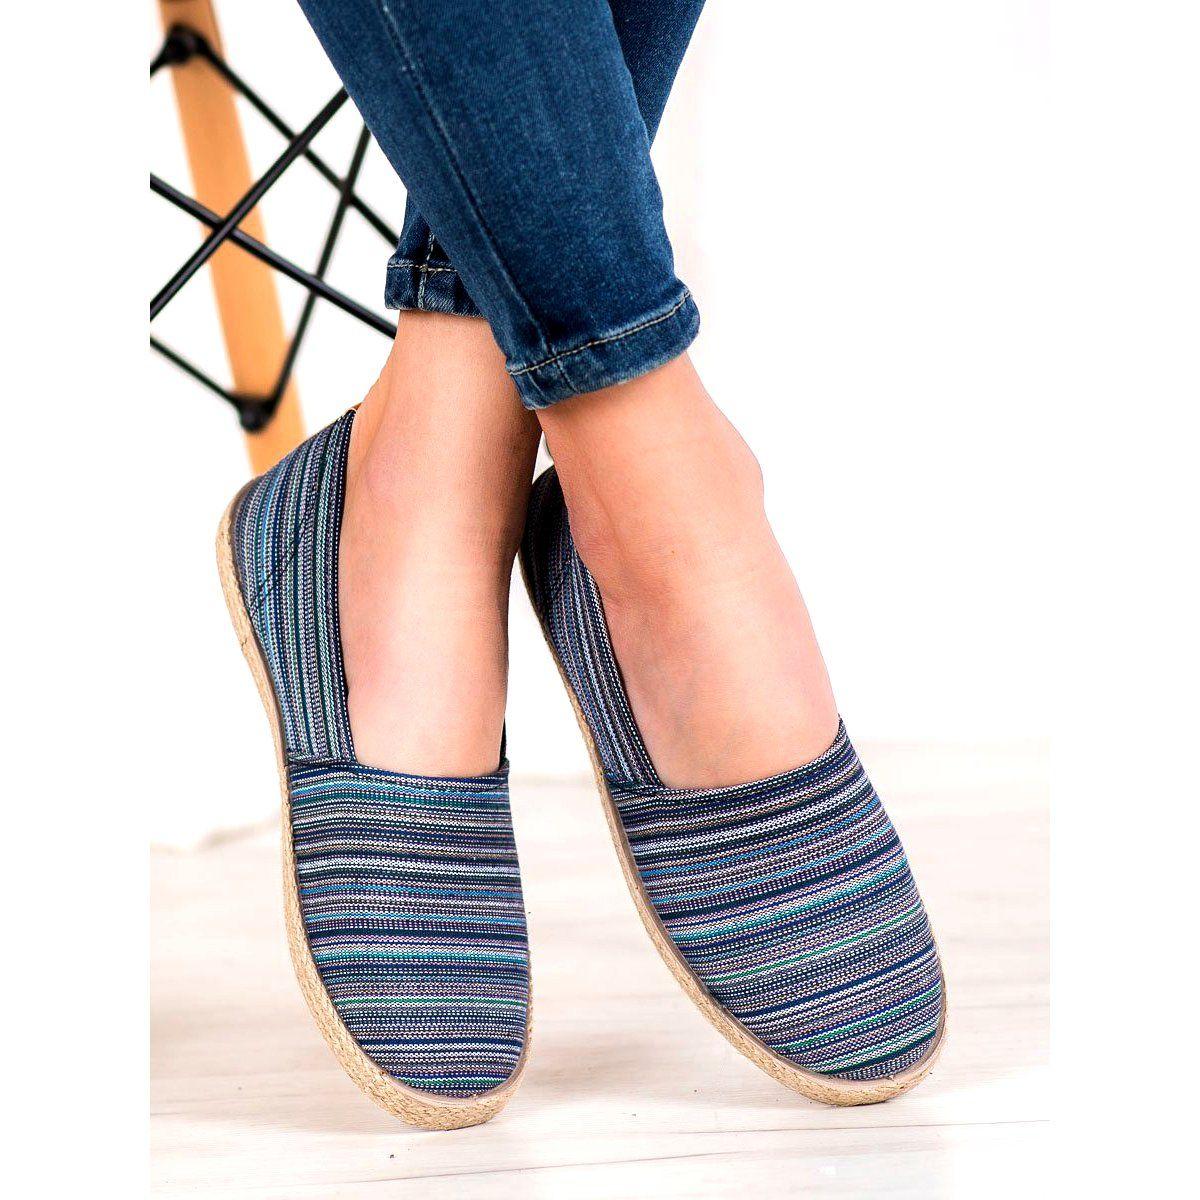 Mckey Espadryle W Paski Brazowe Granatowe Niebieskie Zielone Flat Espadrille Espadrilles Shoes